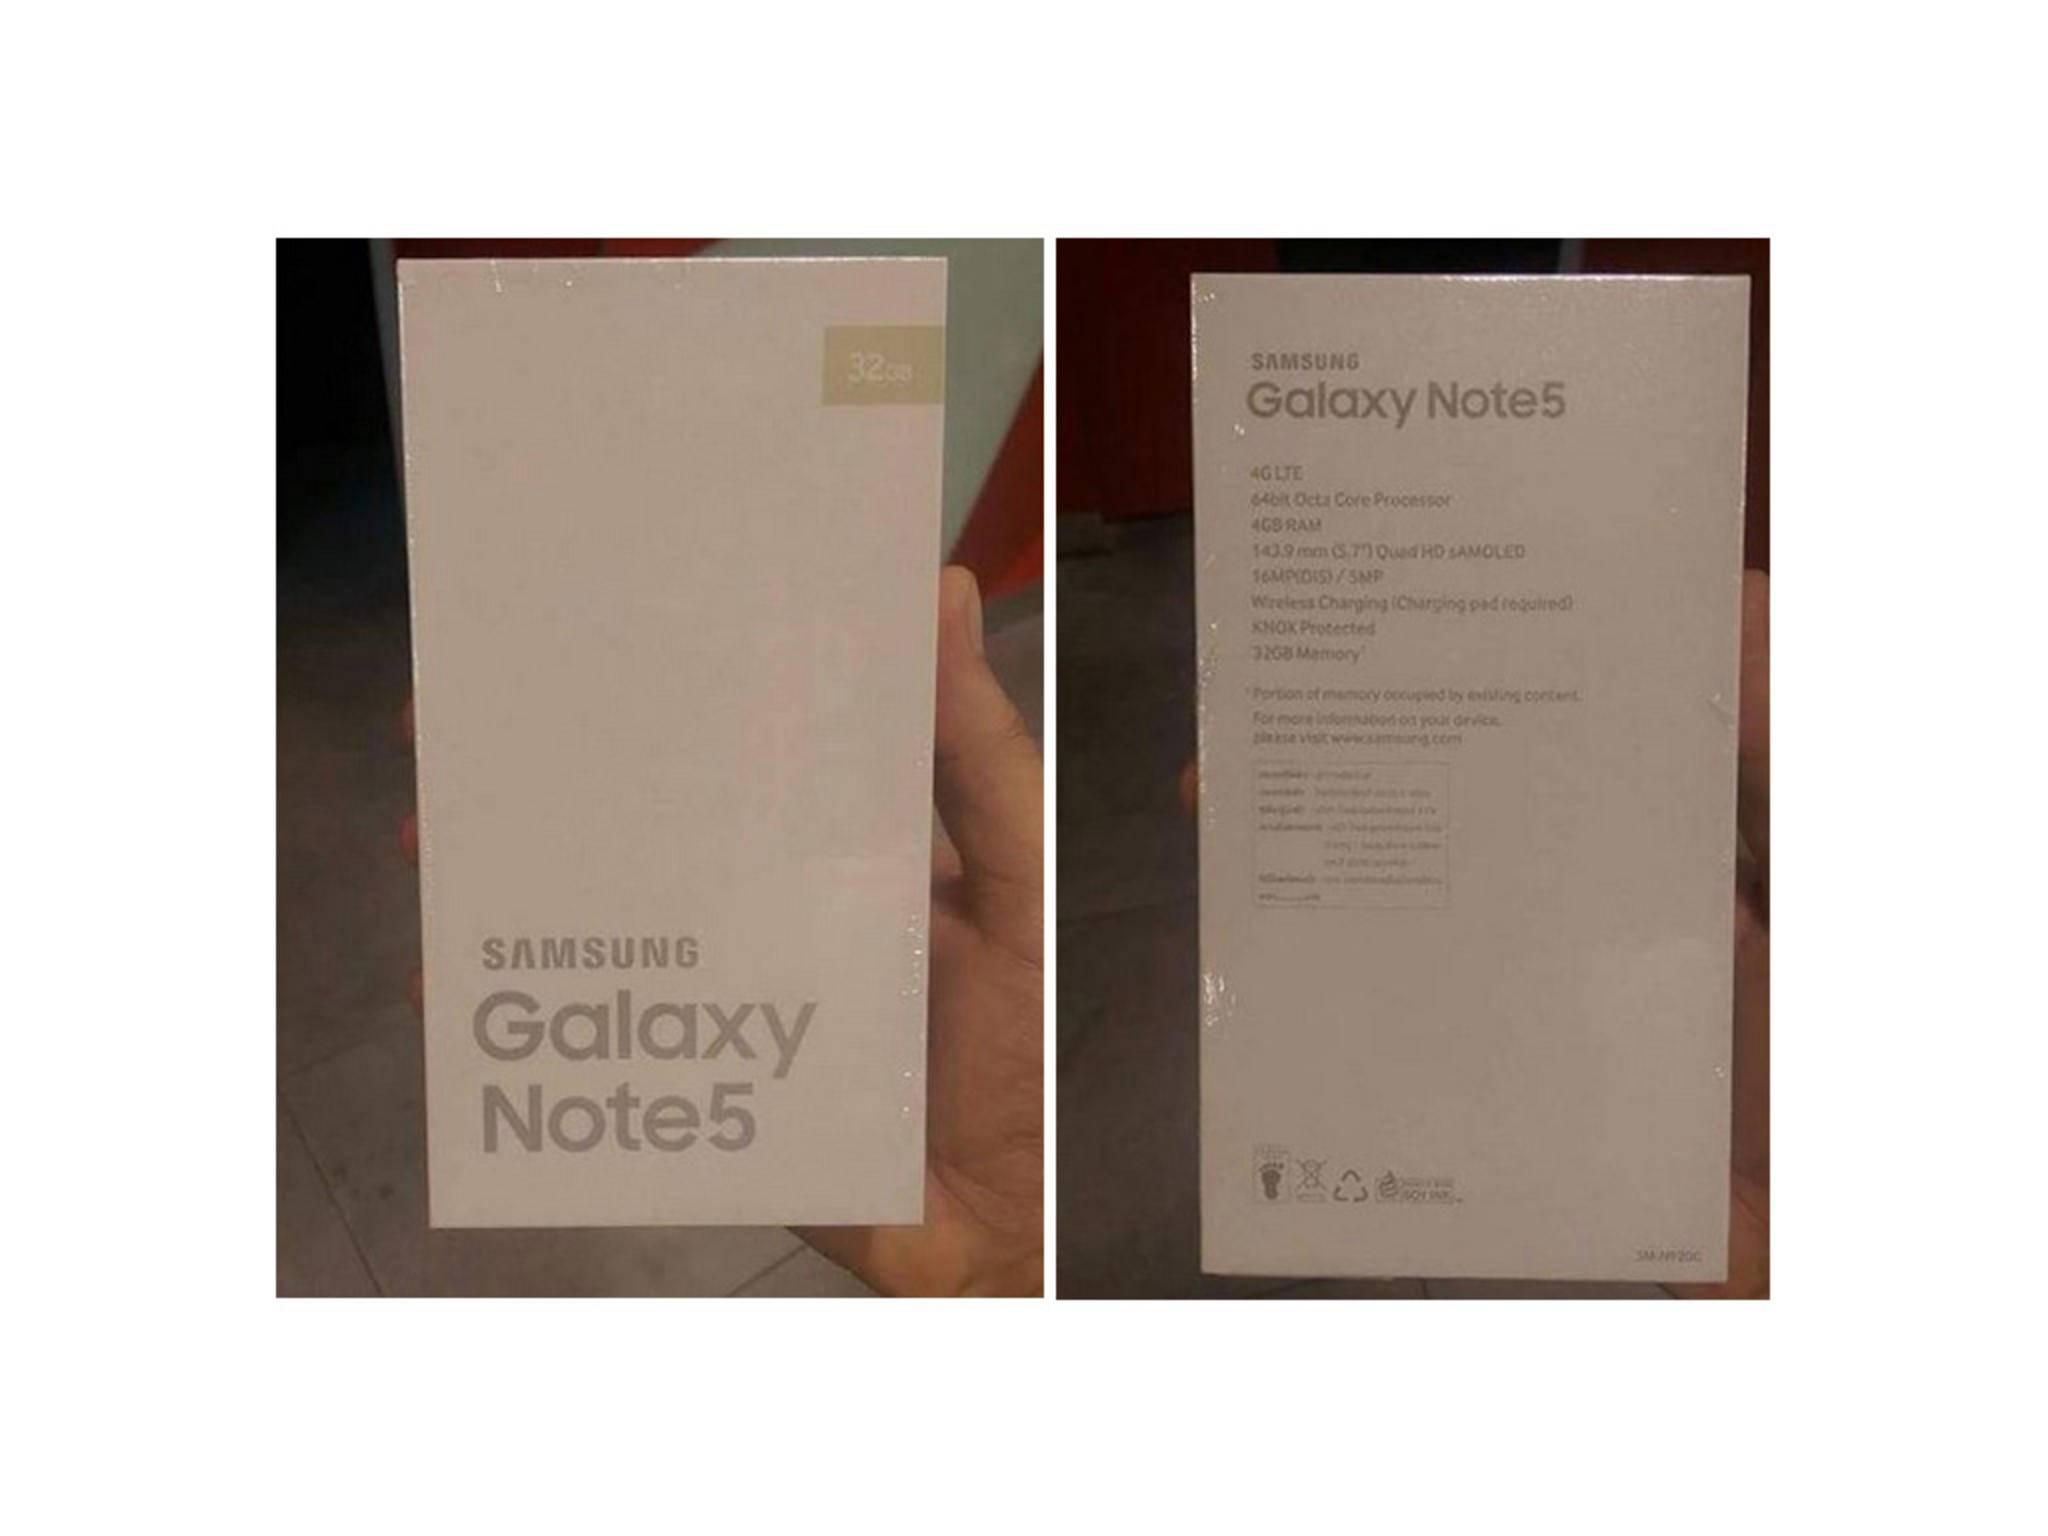 Die Verpackung des Galaxy Note 5 bestätigt die meisten Specs.